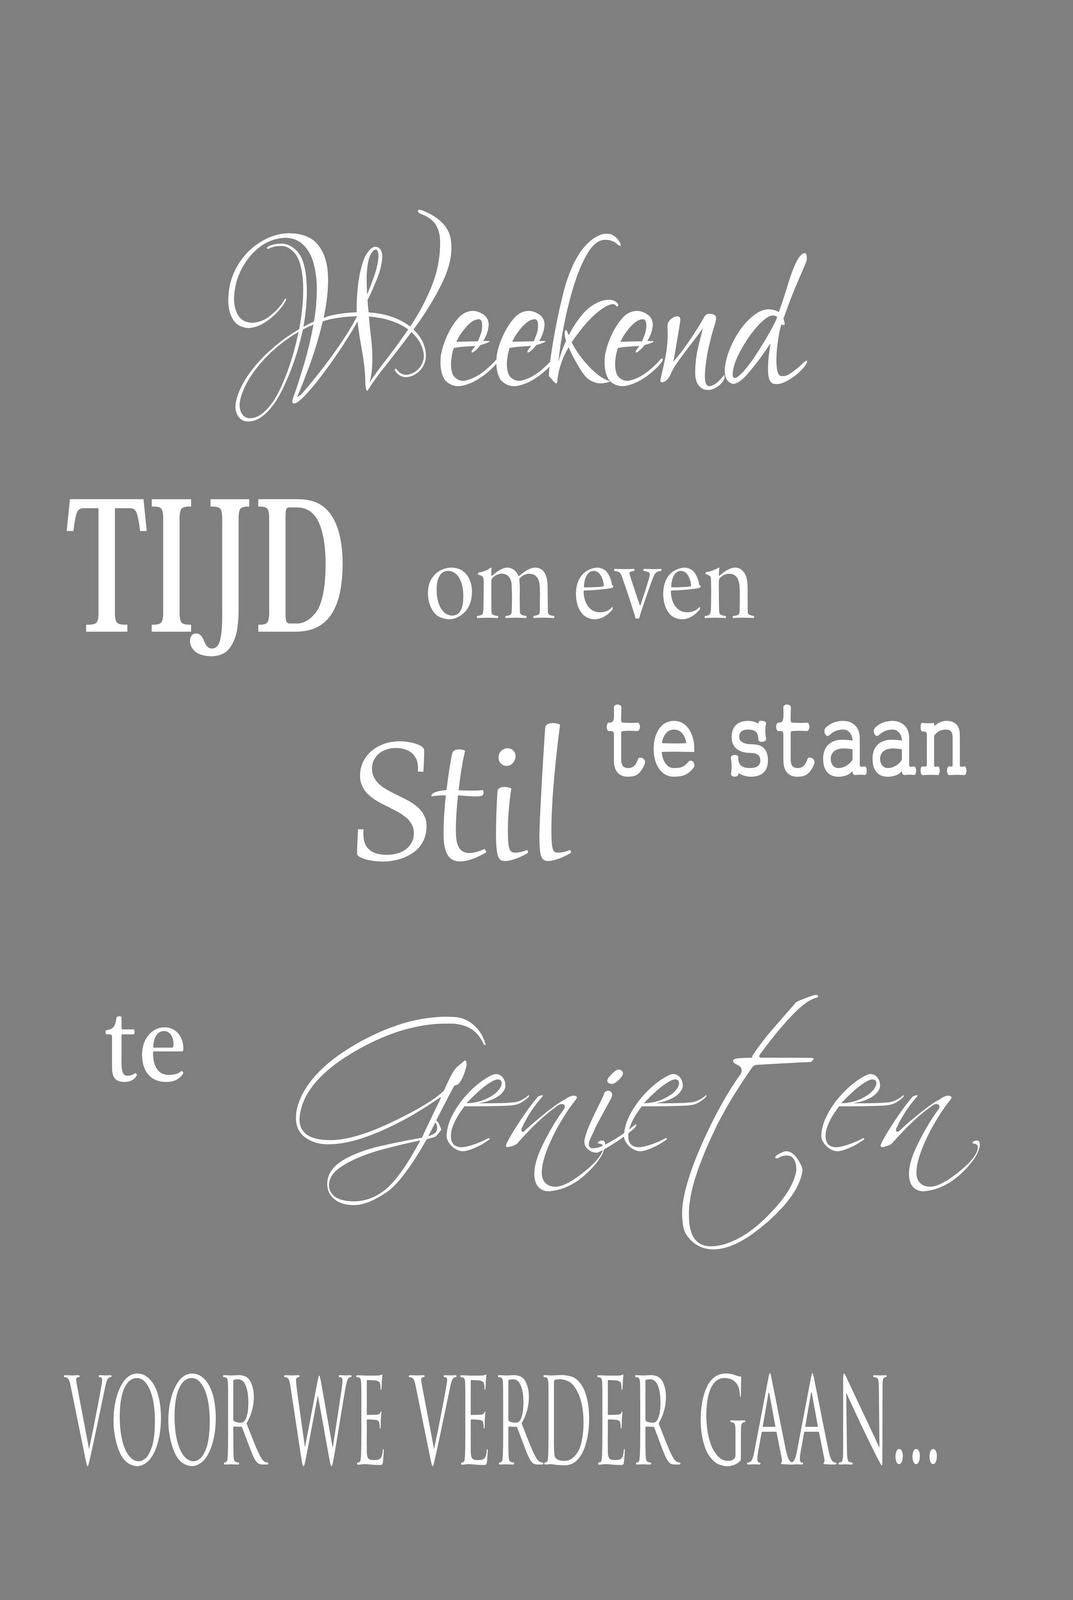 spreuken weekend Weekend TIJD om even Stil te staan te GENIETEN voor we verder gaan  spreuken weekend